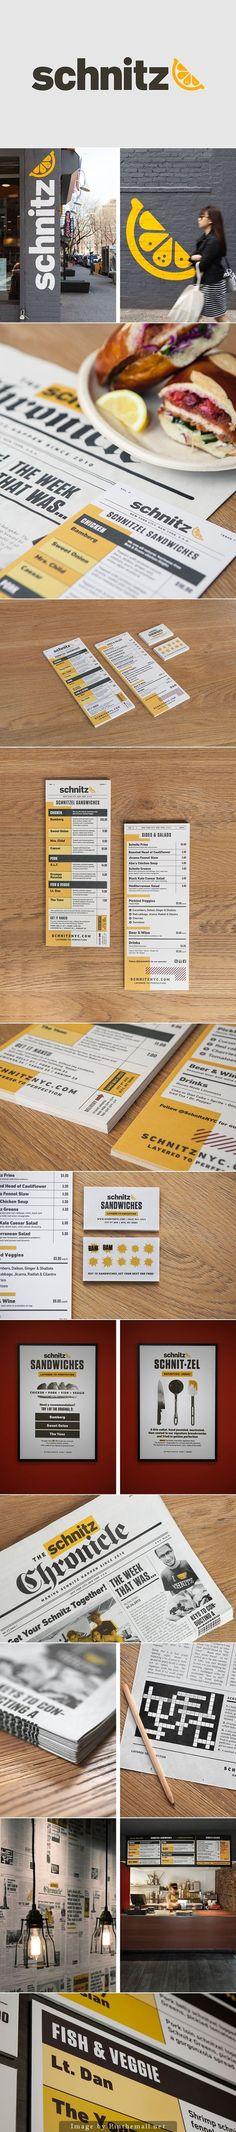 Schnitz Branding on Behance